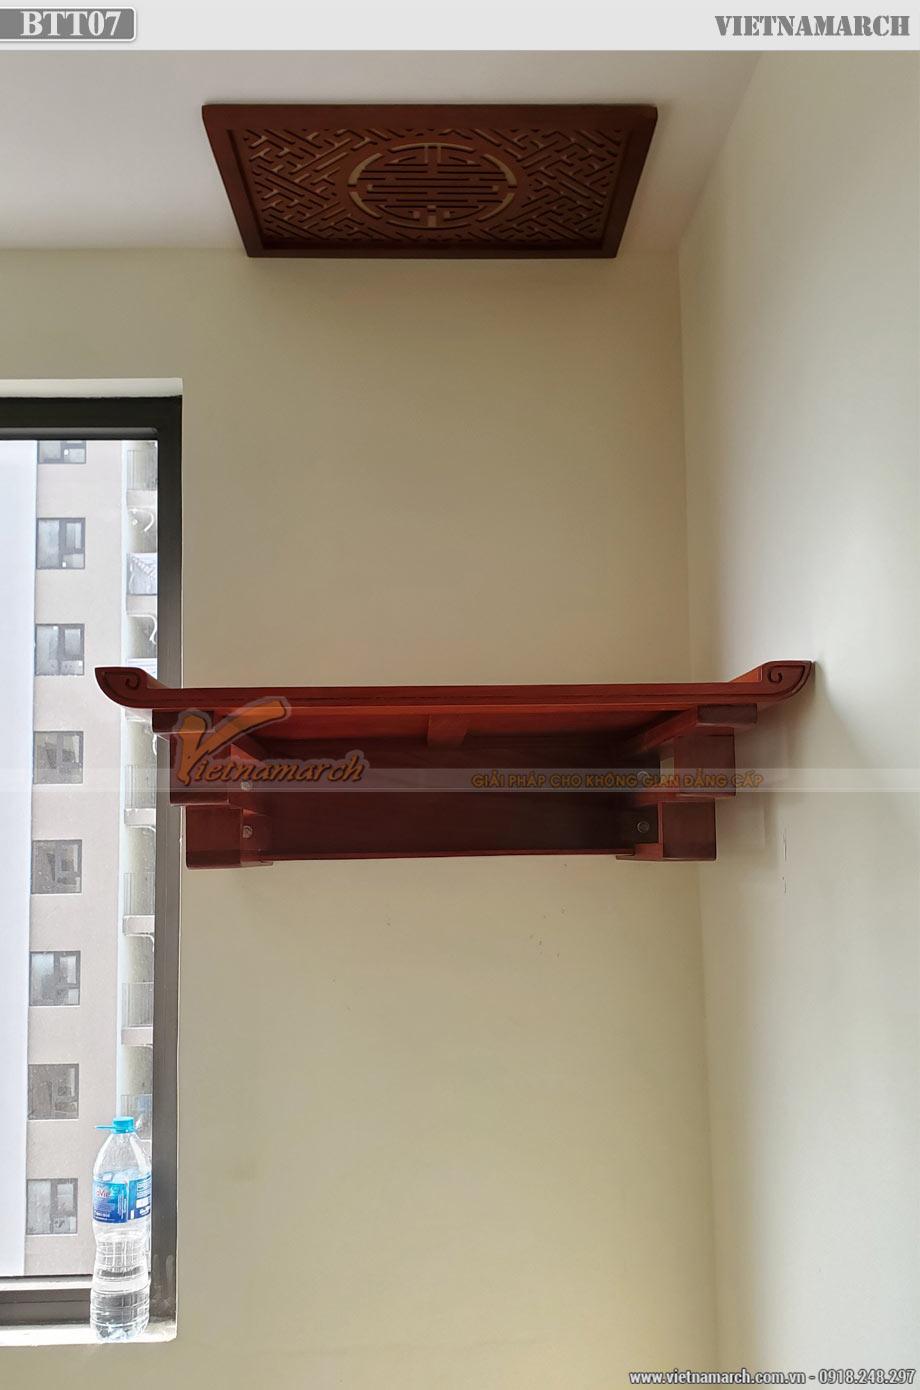 Mẫu bàn thờ treo gỗ hương 59x97cm